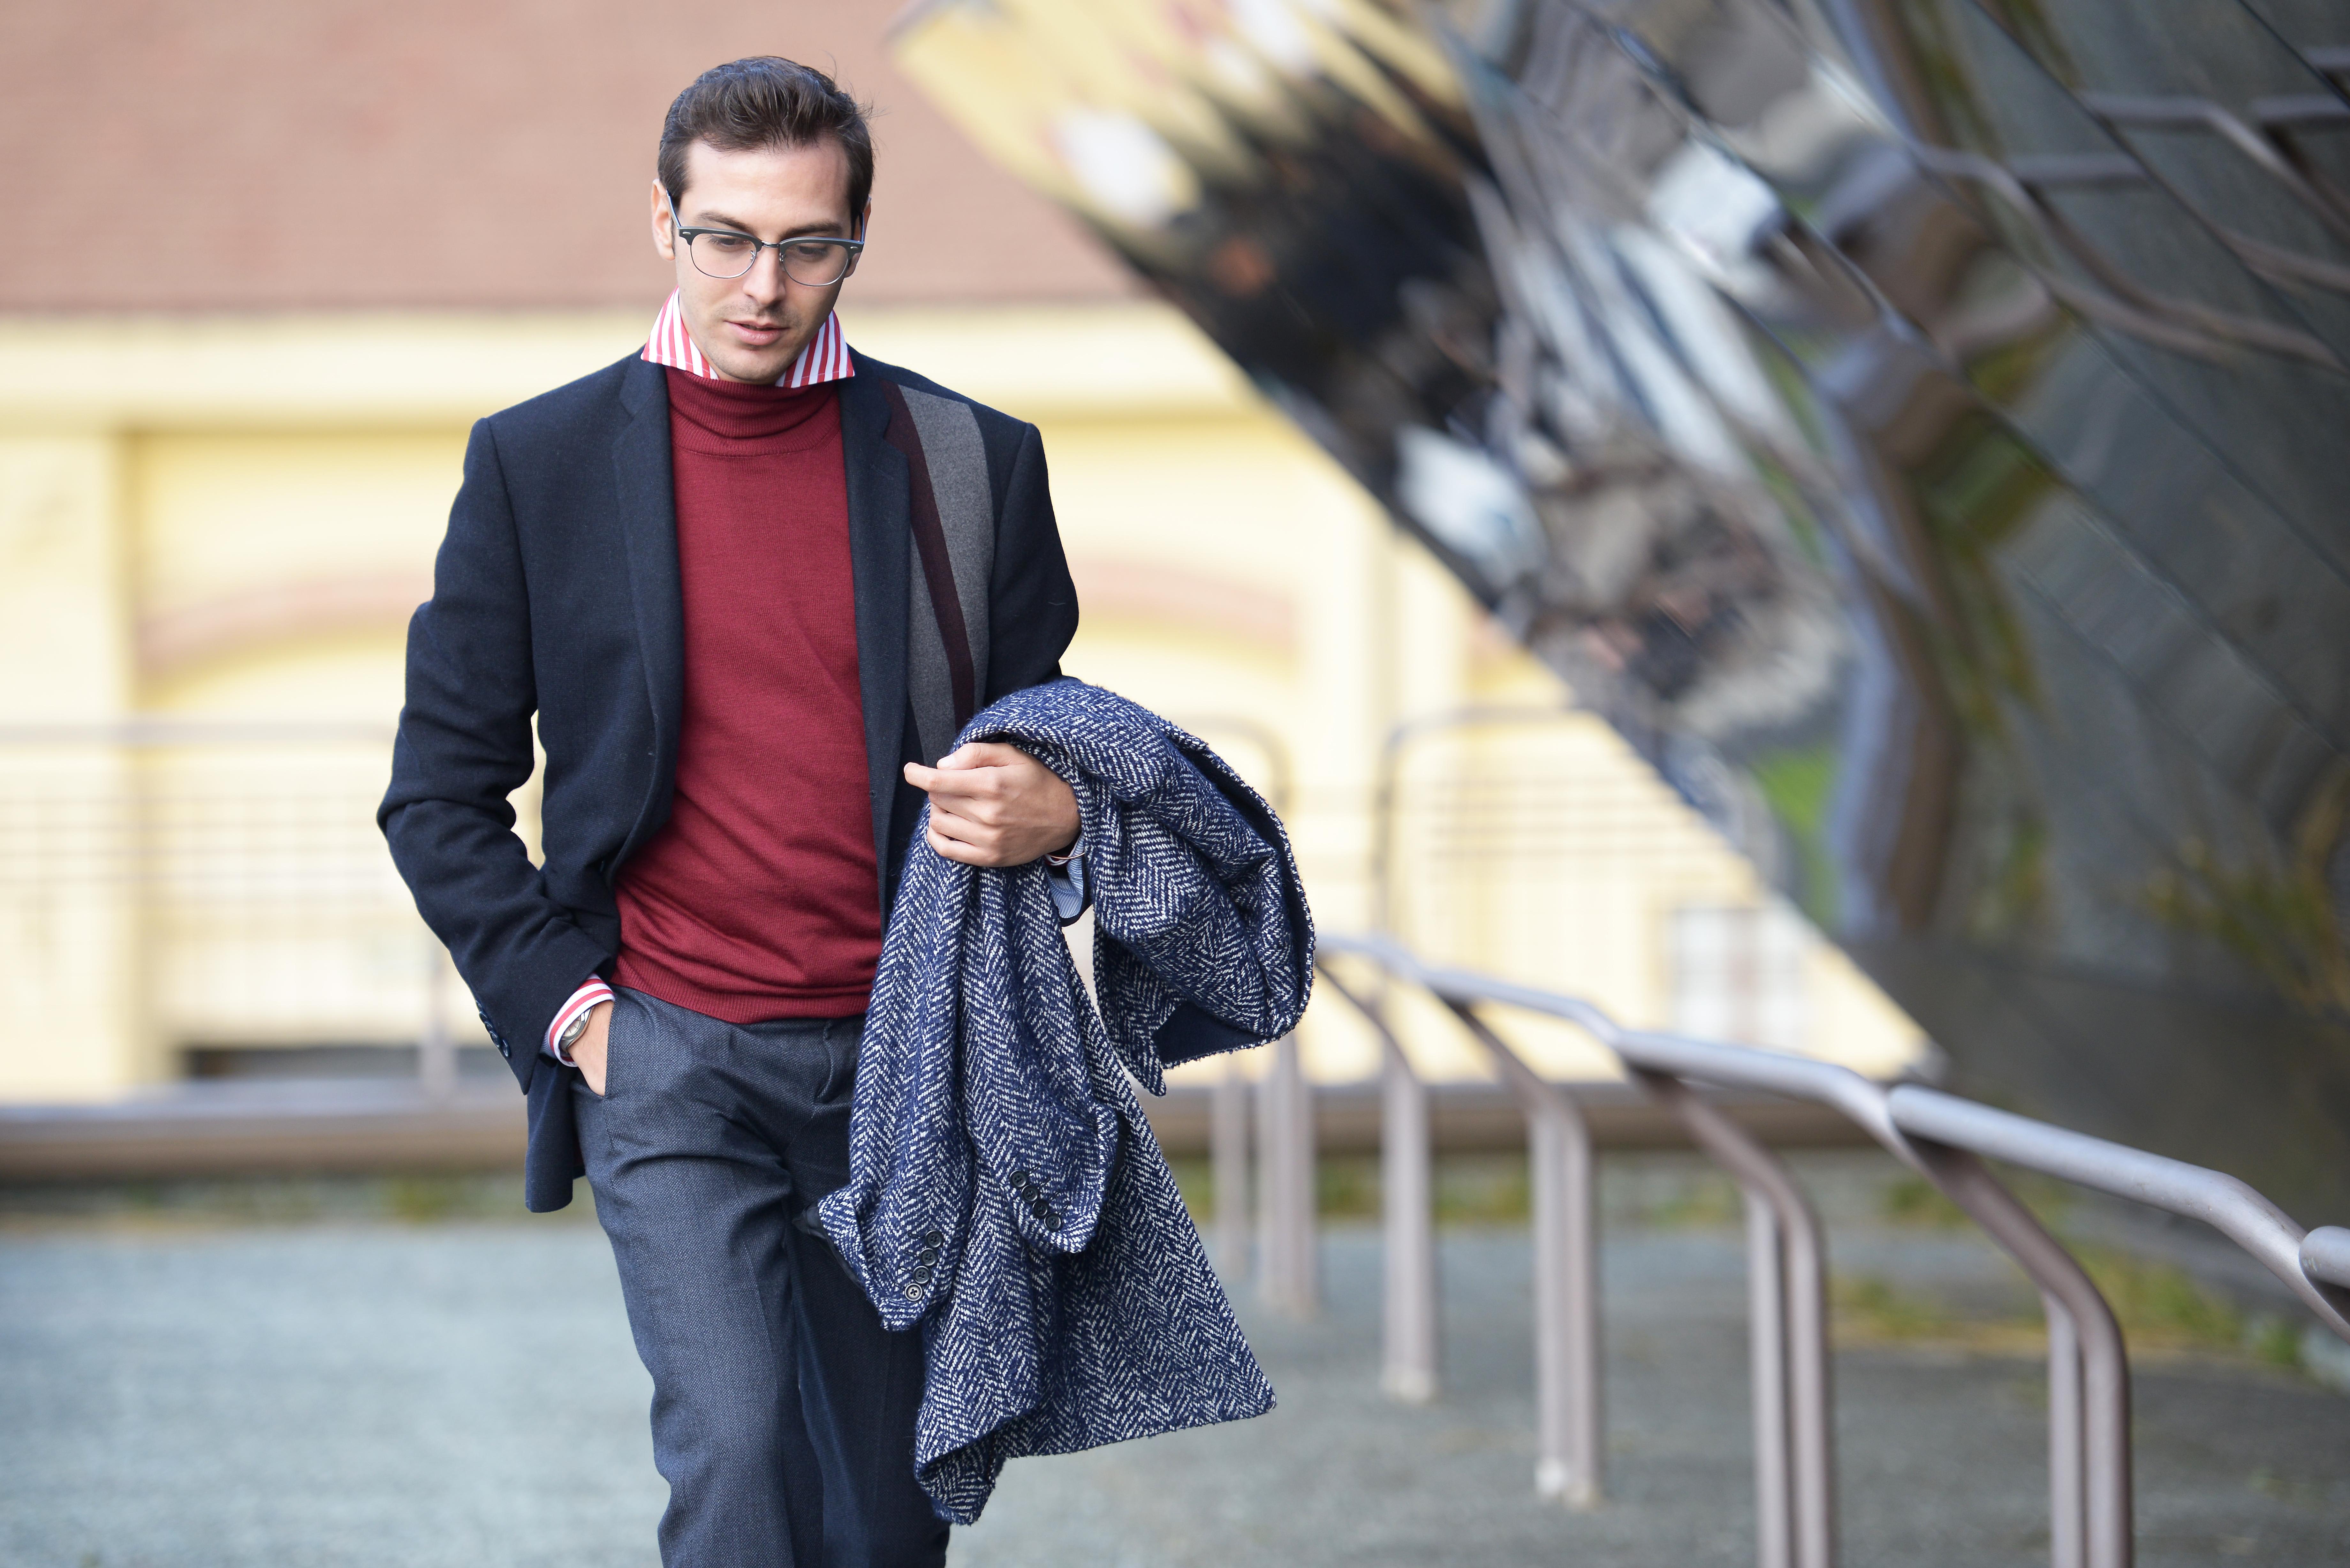 Come Indossare Il Maglione Dolcevita | Camiciaecravatta